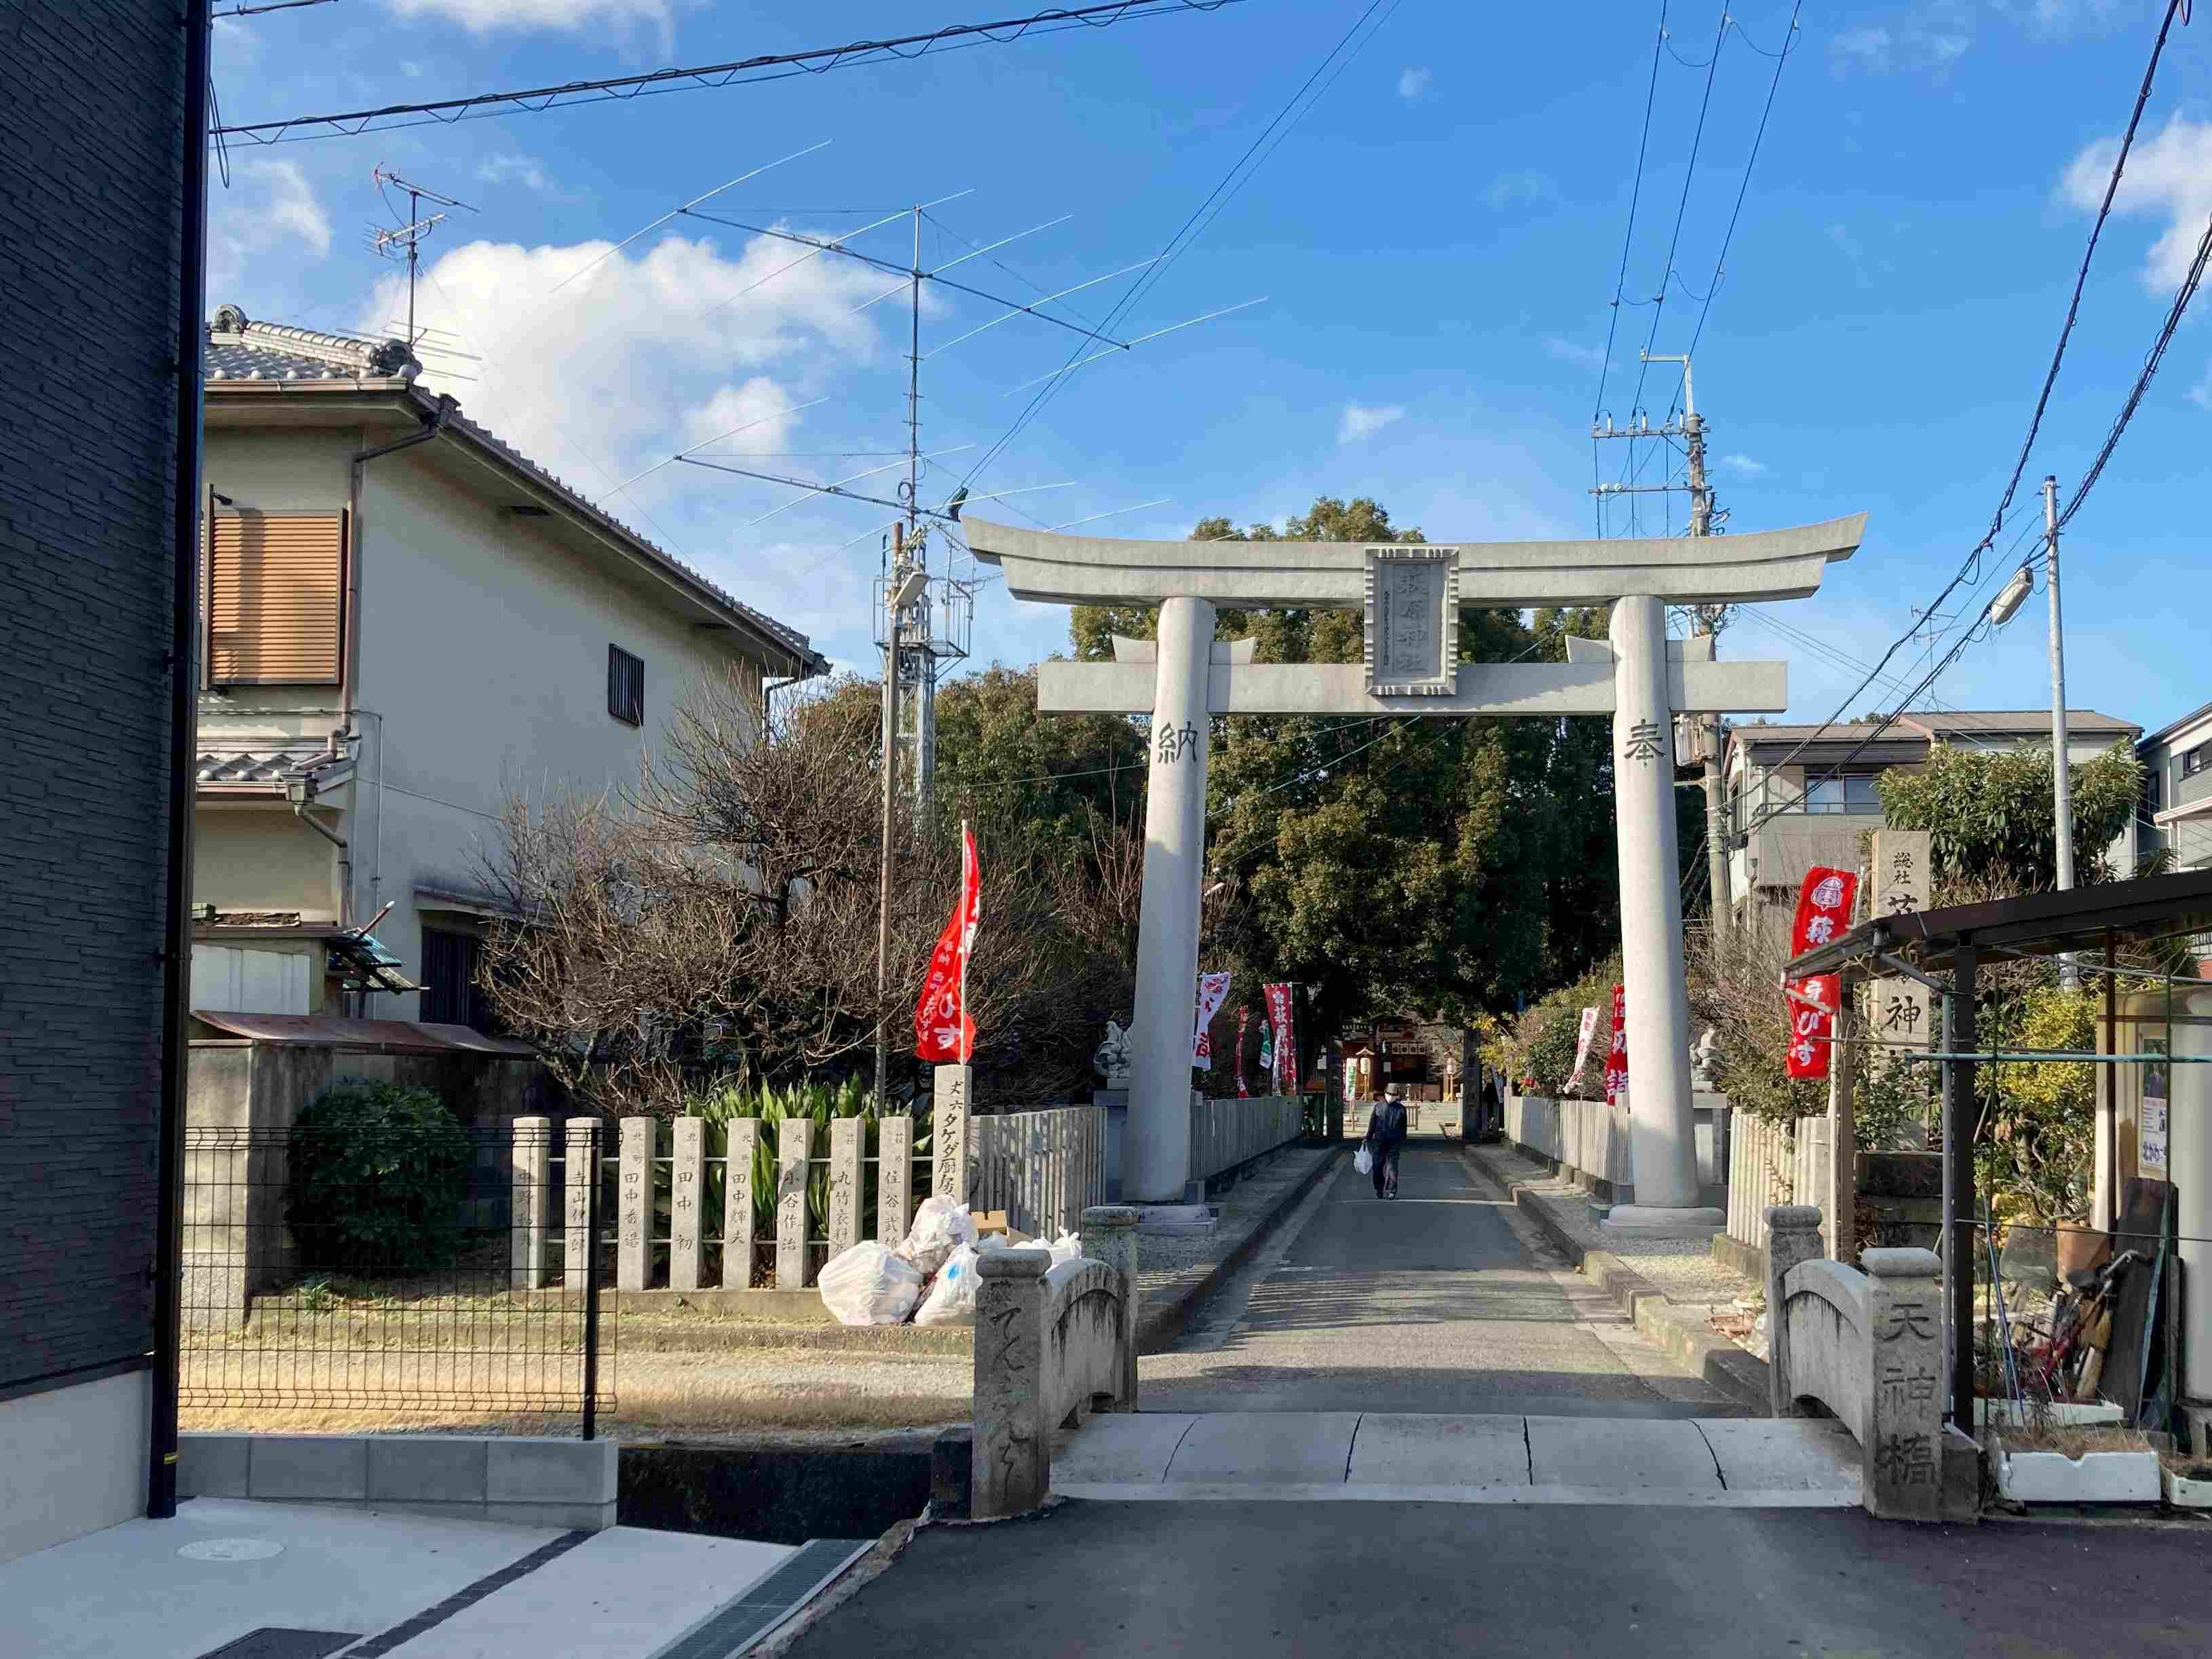 周辺はゆったりした雰囲気、駅からはこちらので神社を通って行きます